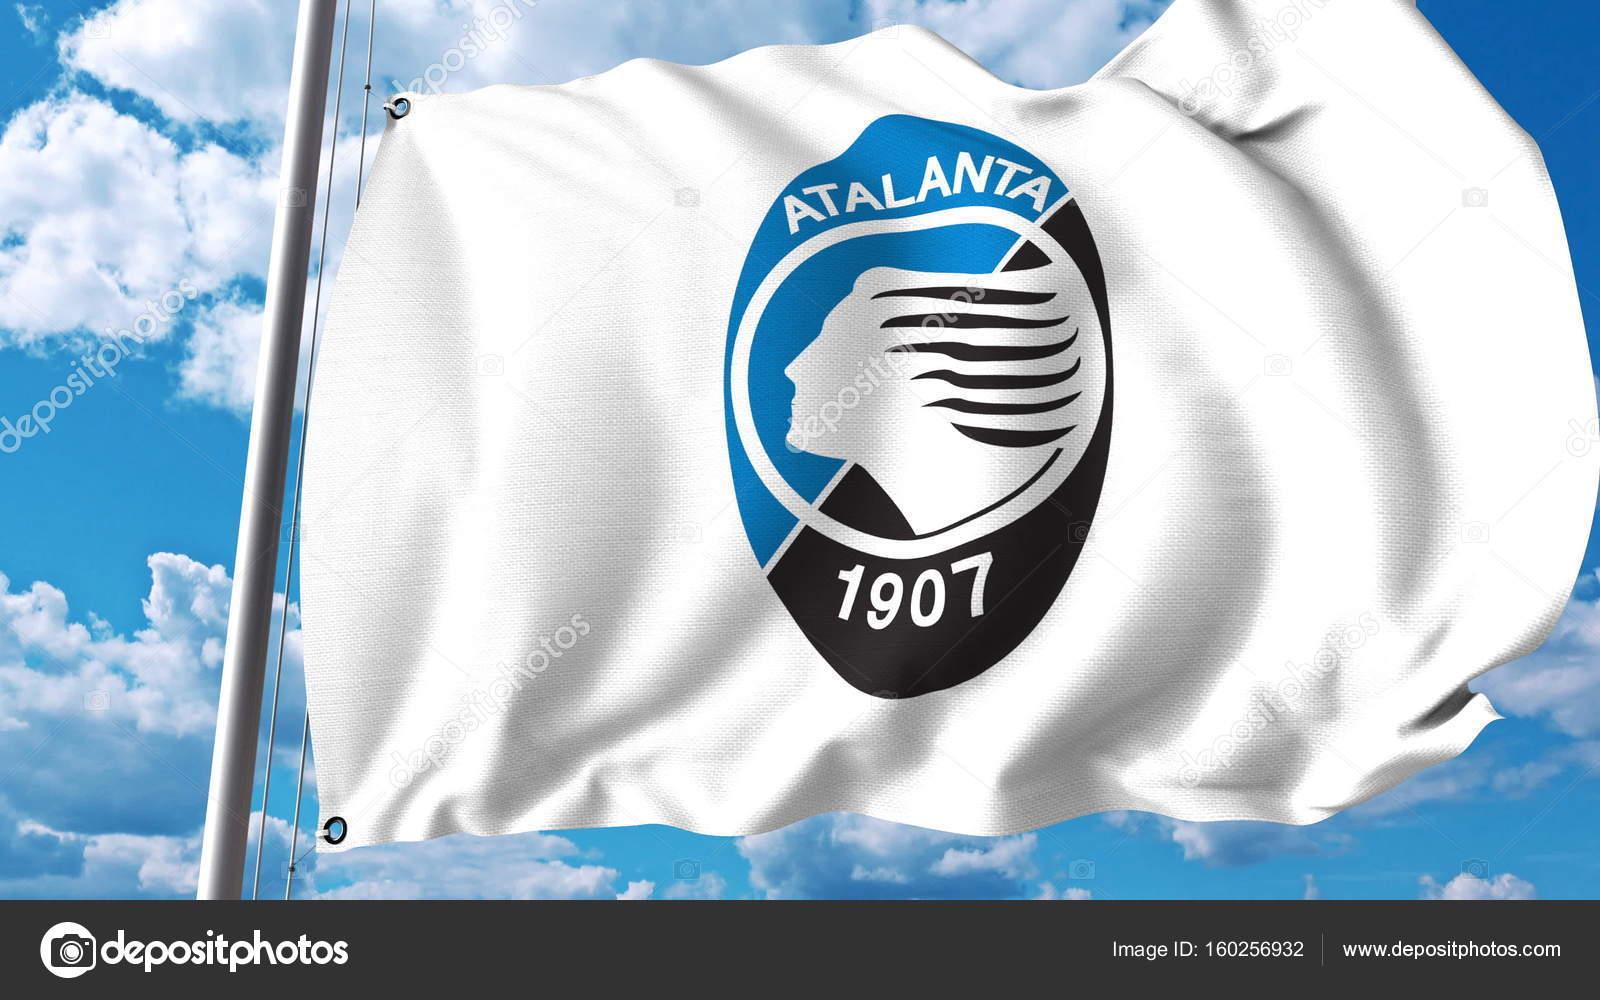 Risultati immagini per bandiera atalanta